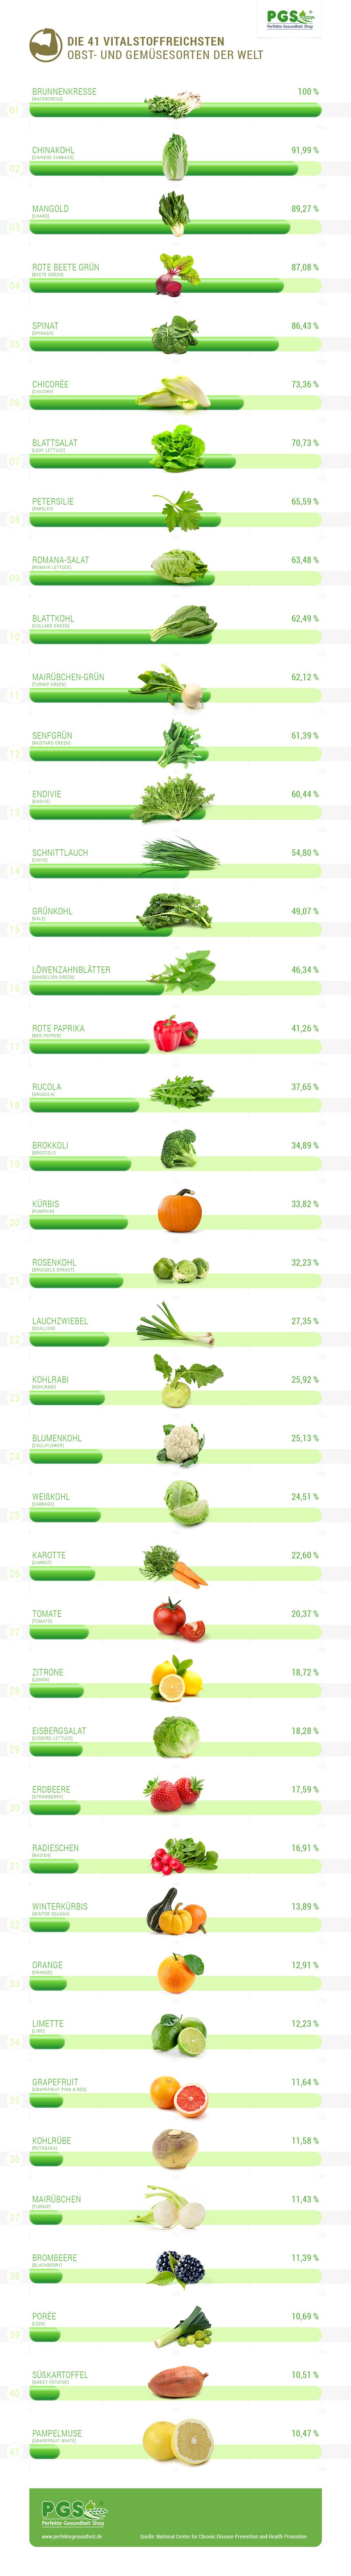 Die 8 gesündesten Lebensmittel der Welt — Perfekte Gesundheit Blog